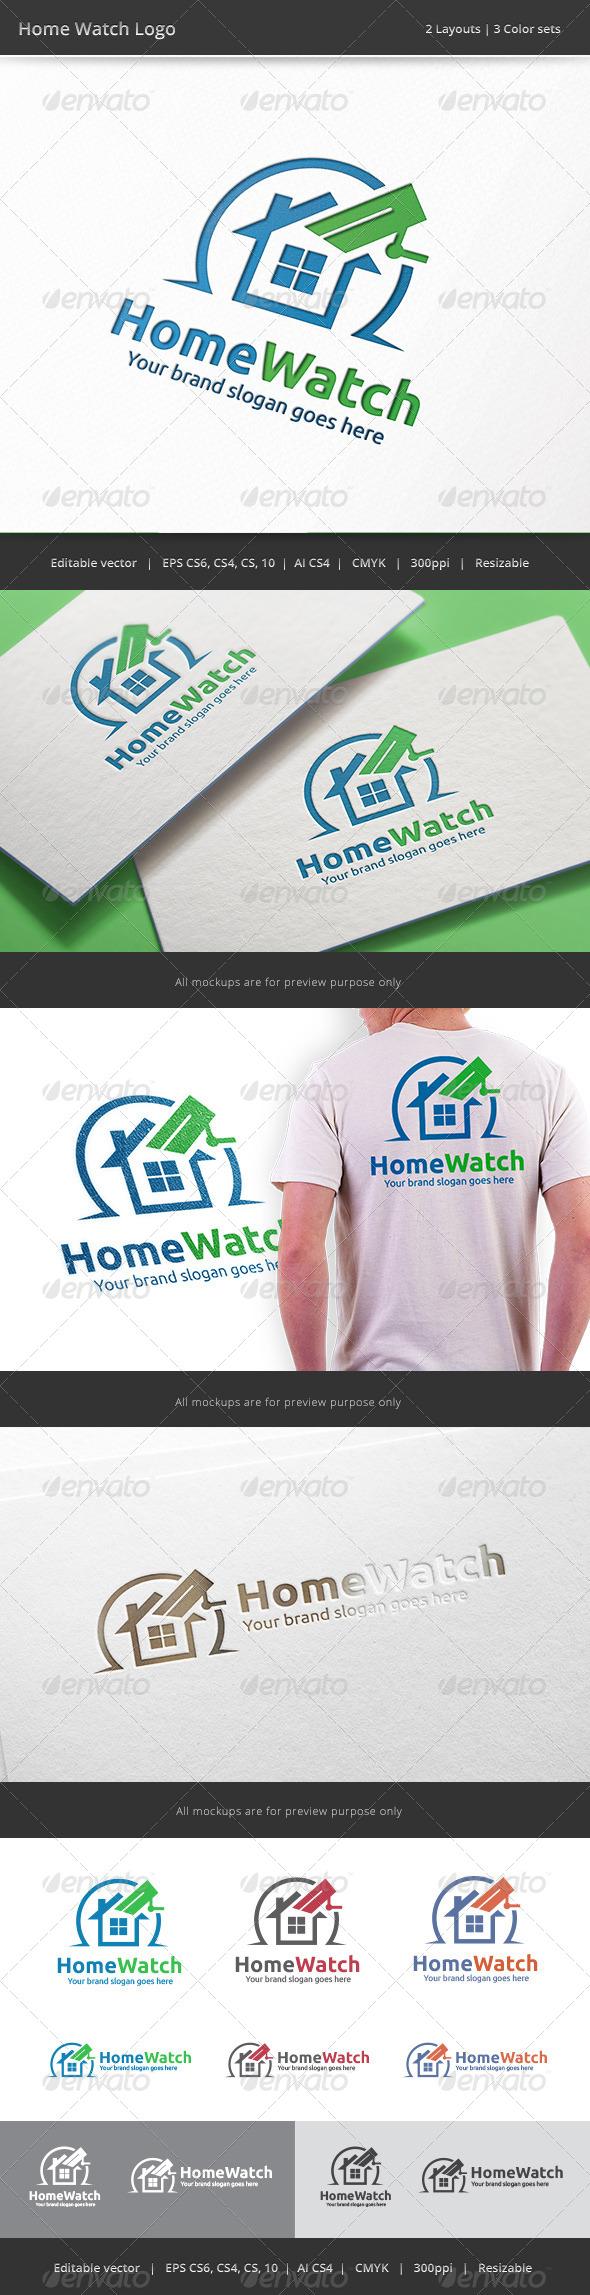 GraphicRiver Home Watch Camera Logo 8097321